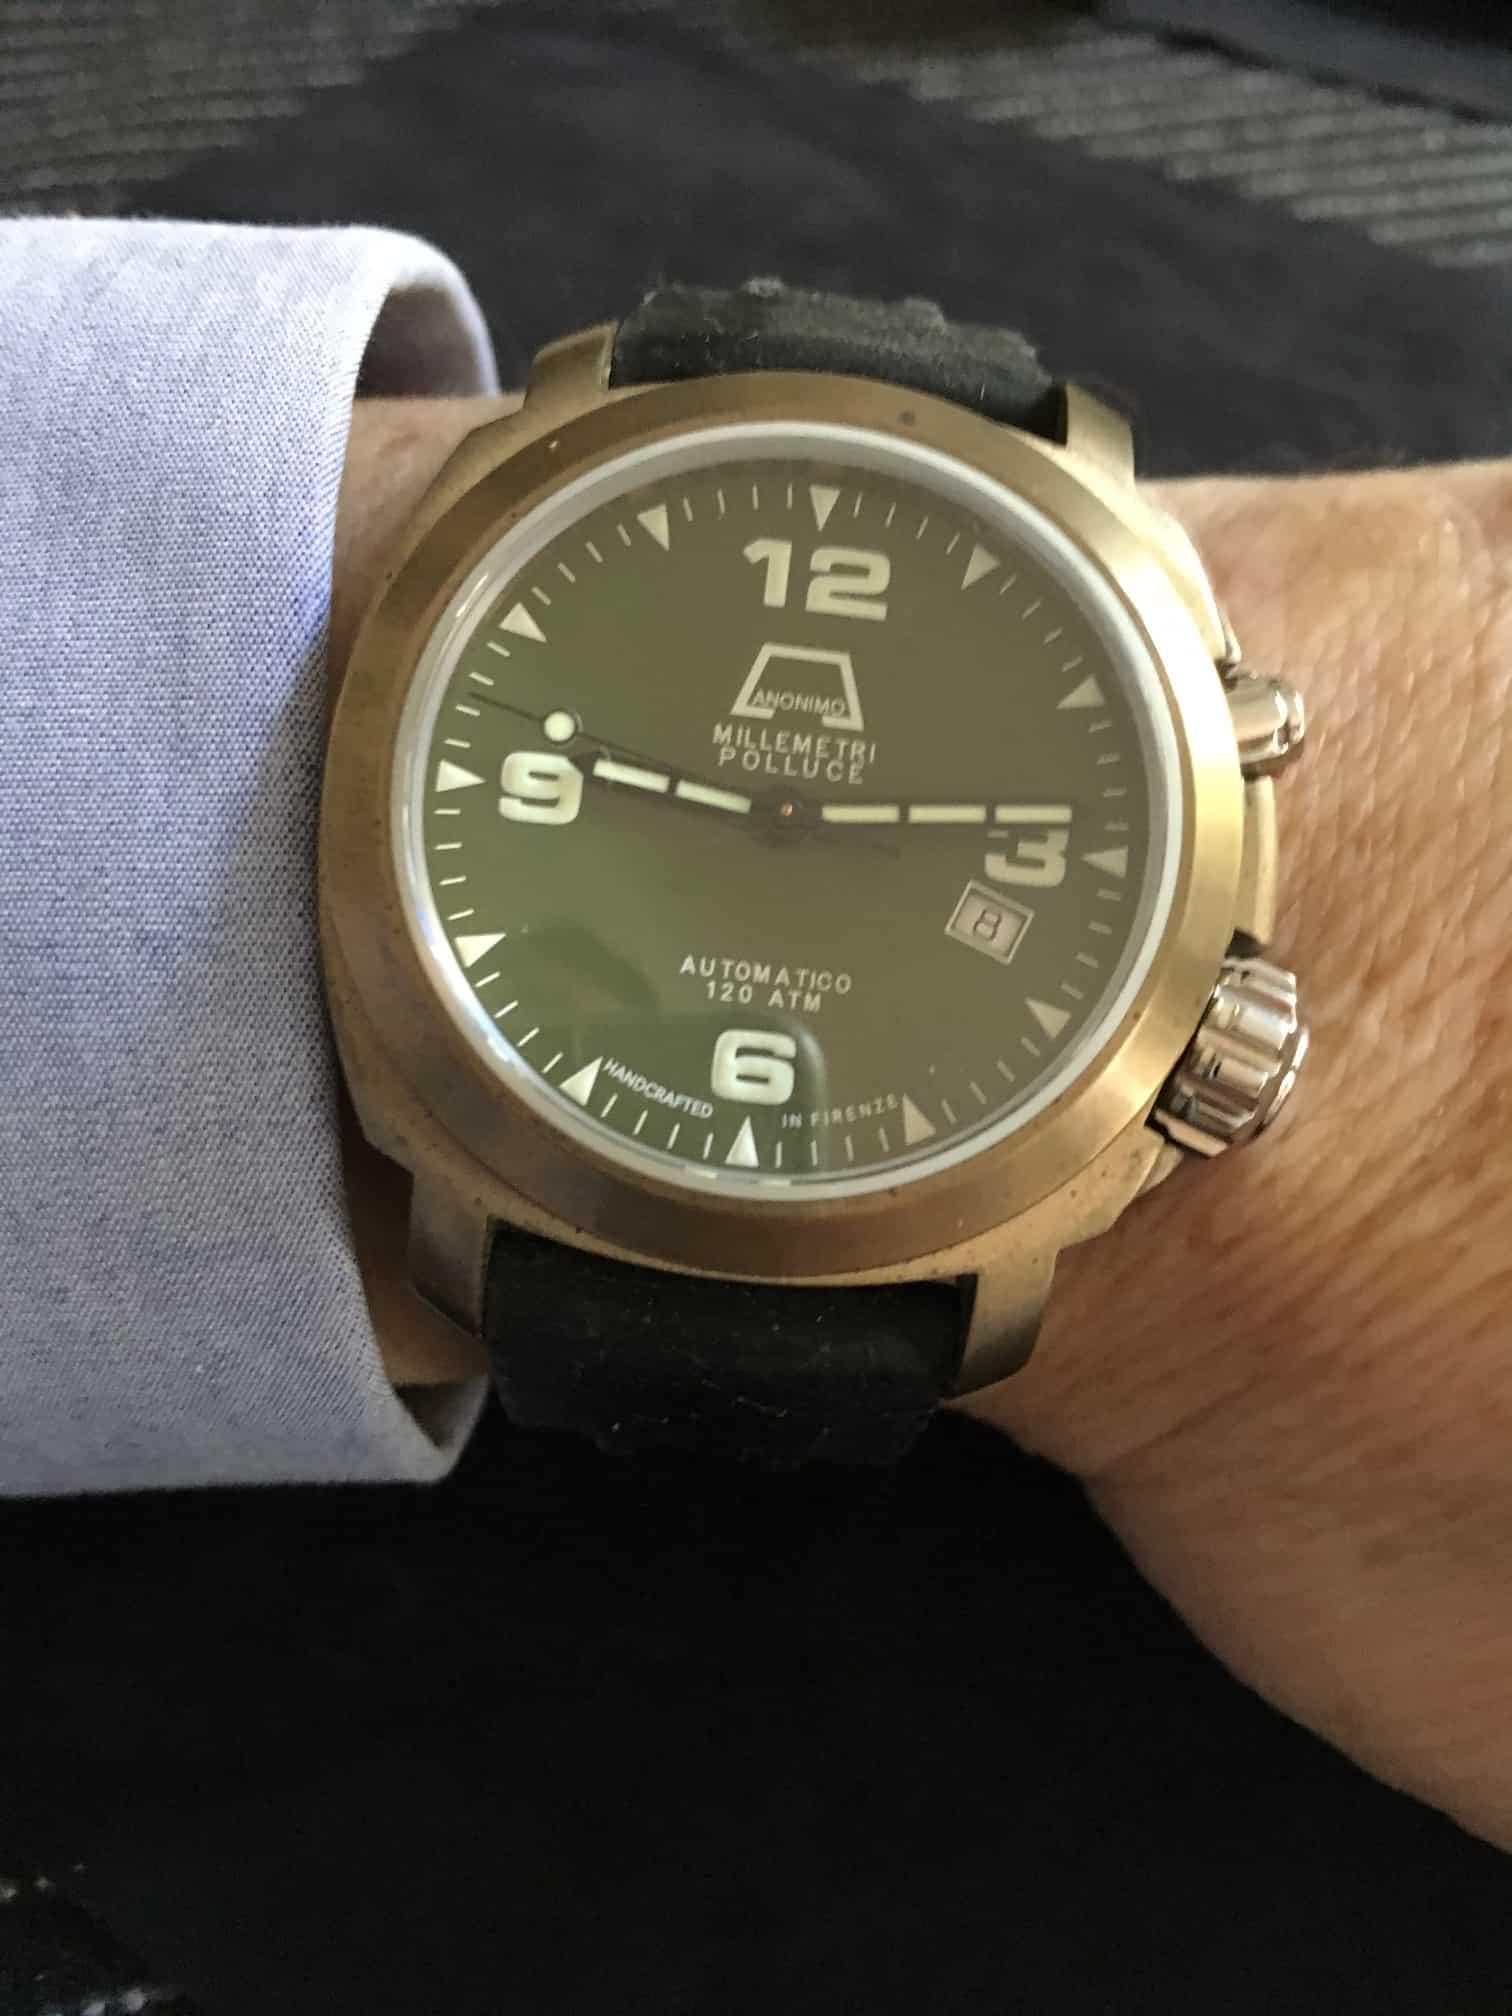 Vintage-Uhr und Sammleruhren von Schönheit - wie diese Anonimo Nautilo mit blauem Zifferblatt und Stahlarmband